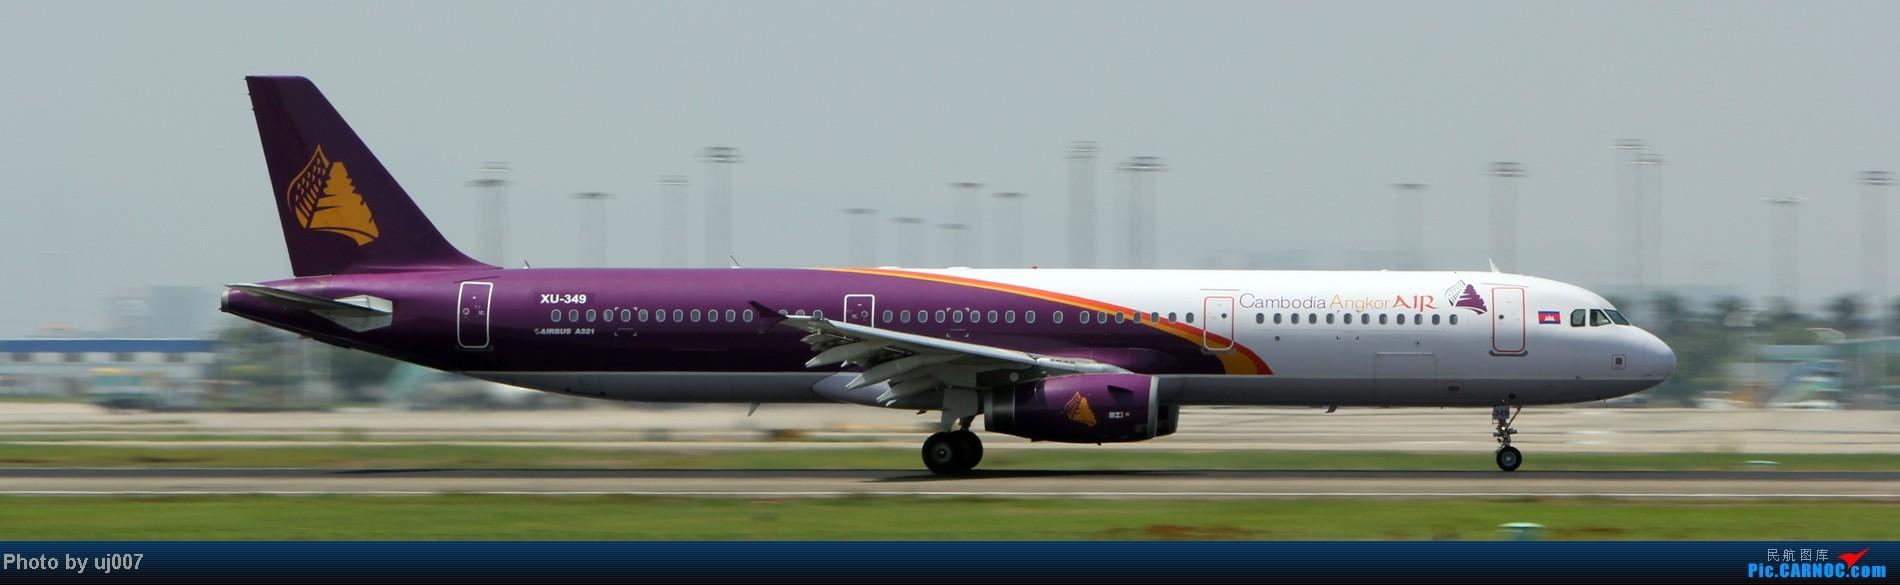 Re:[原创]10月2日白云拍机(大飞机,特别妆,外航,闪灯,擦烟)求指点. AIRBUS A321-200 XU-349 中国广州白云机场